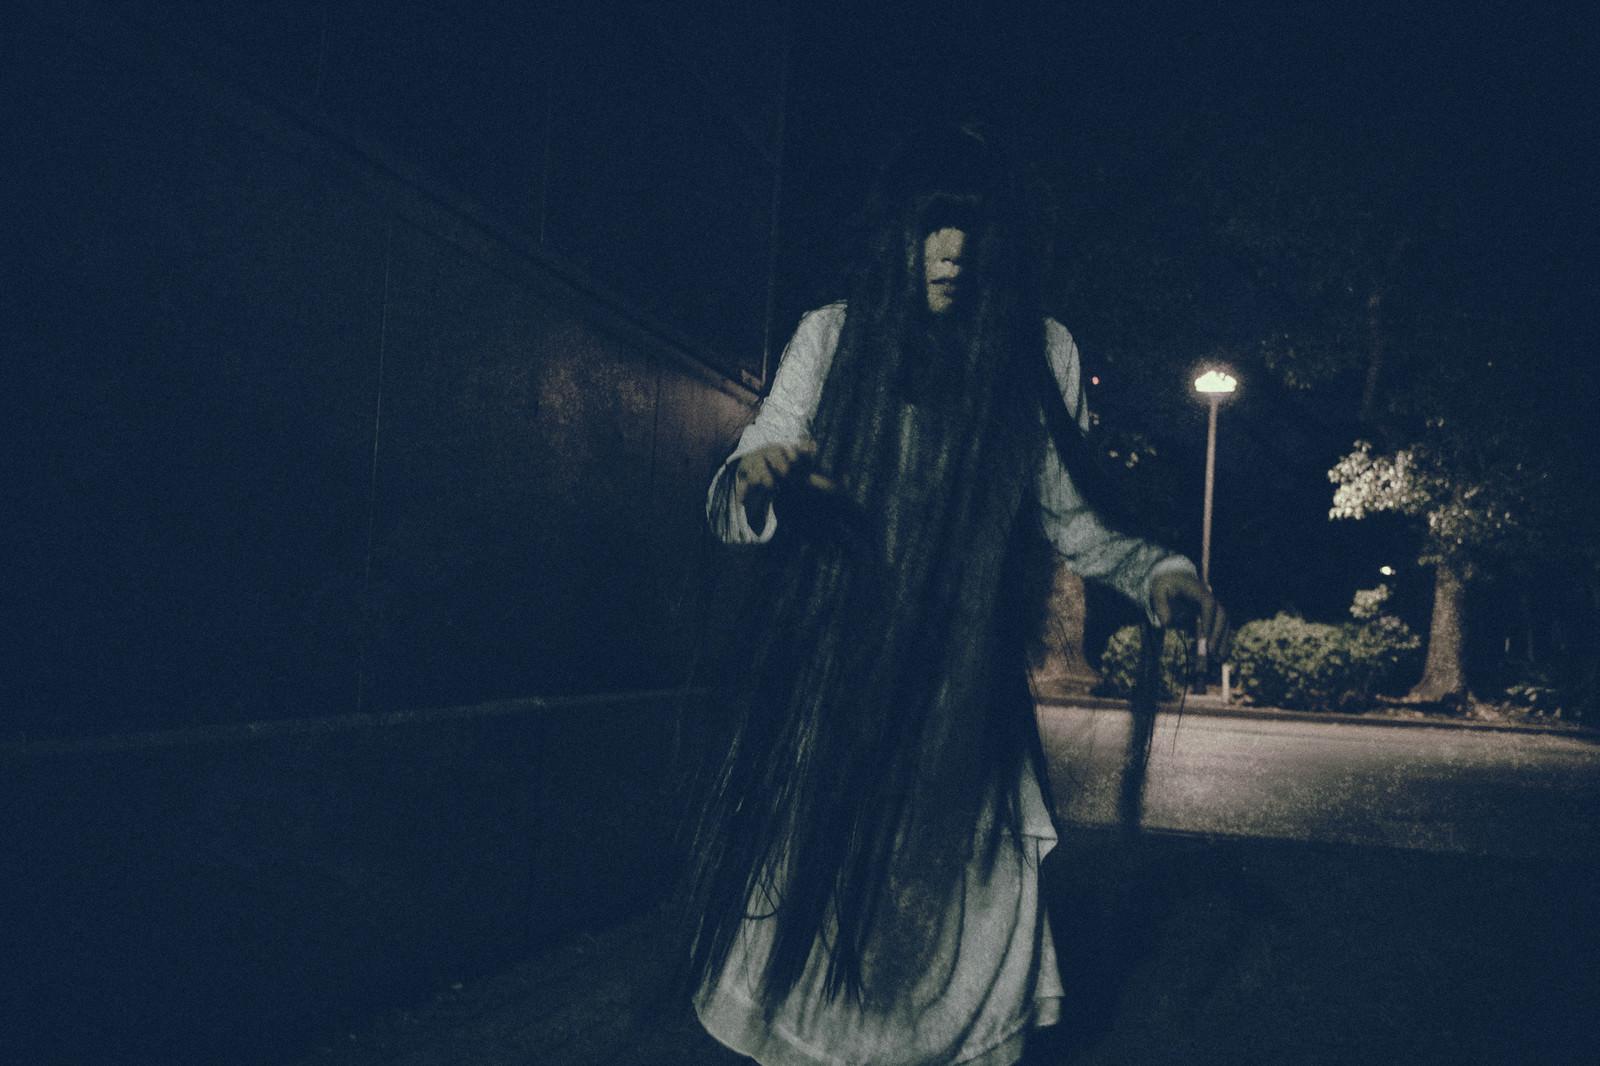 「どこまでも追いかけてくる女性の亡霊 | 写真の無料素材・フリー素材 - ぱくたそ」の写真[モデル:緋真煉]